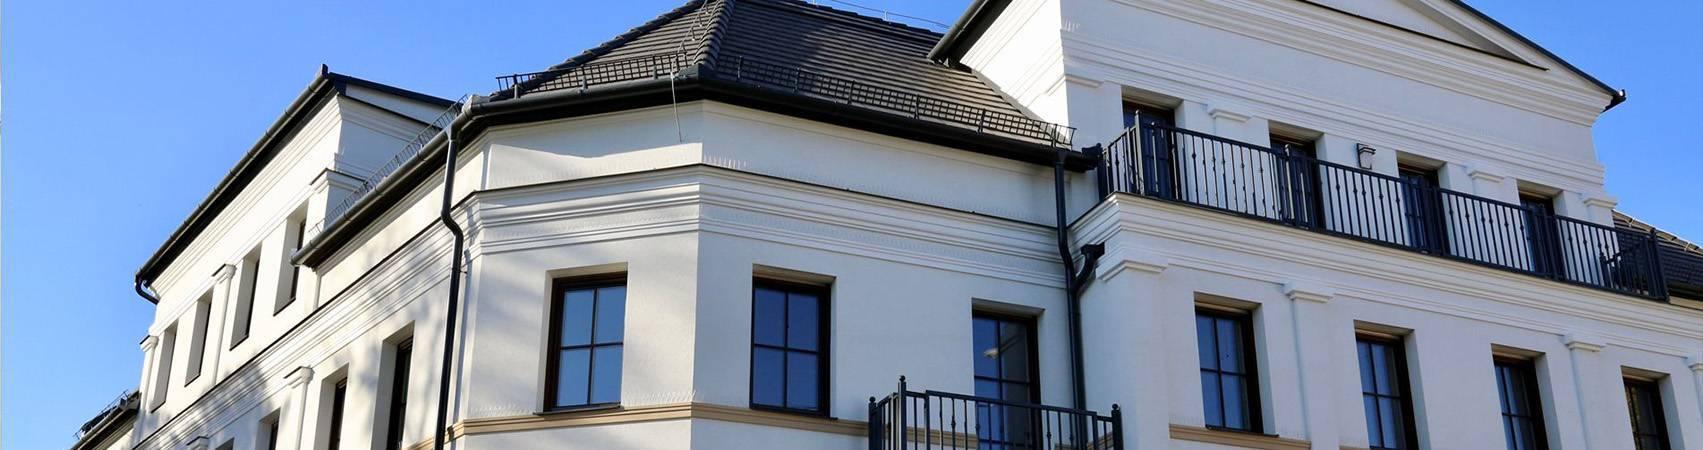 Hausfassade mit Fassadenstuck Styropor